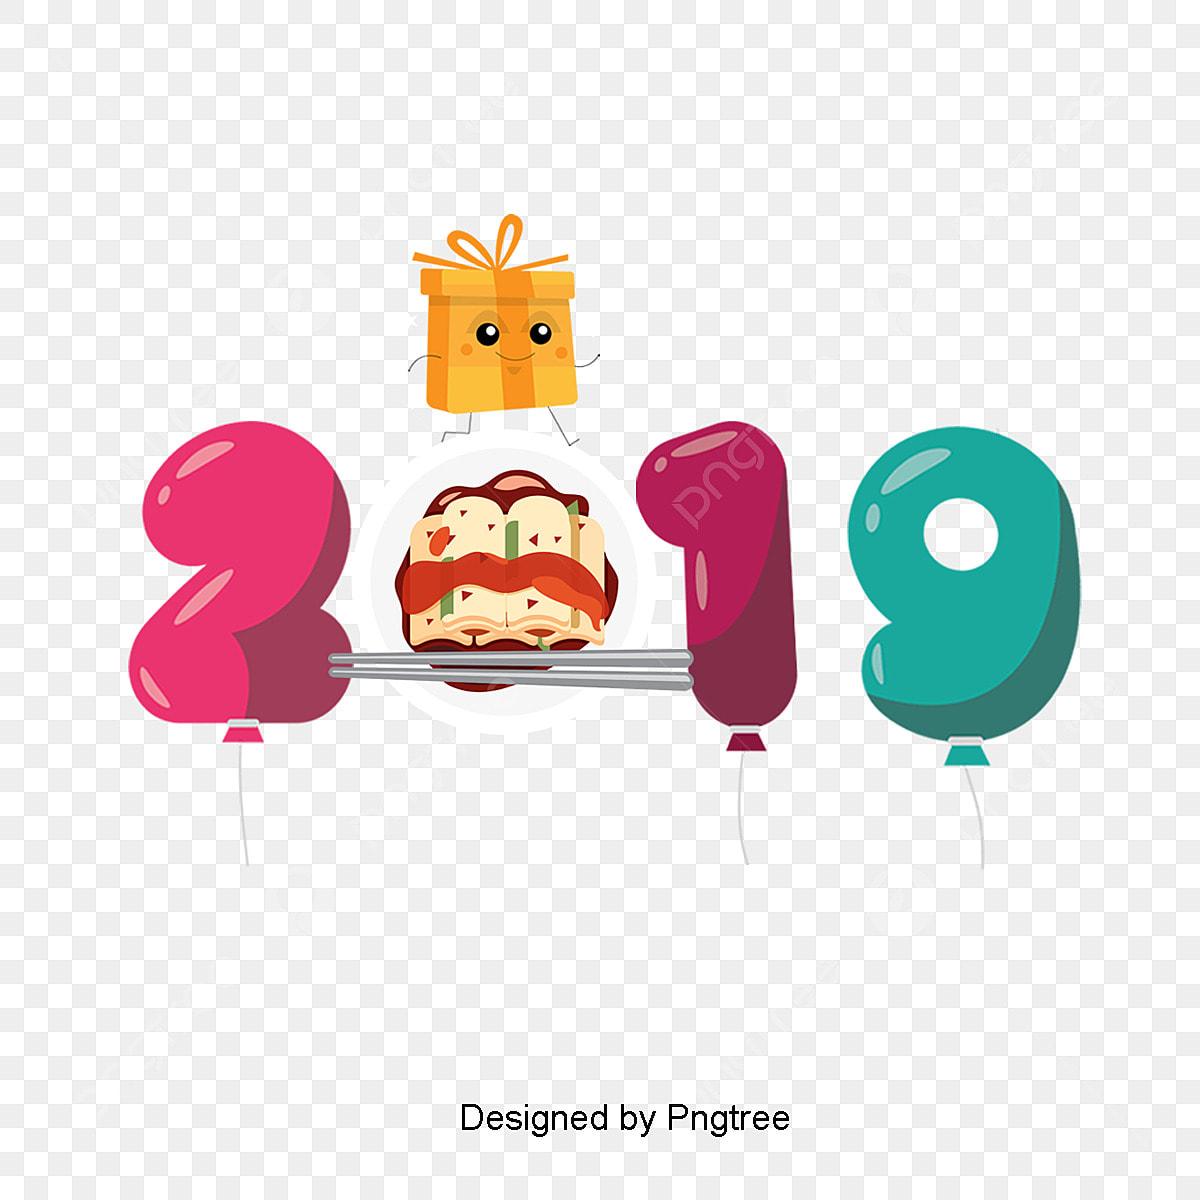 19年正月壁紙要素 19年 新年 新年おめでとうございます画像とpsd素材ファイルの無料ダウンロード Pngtree